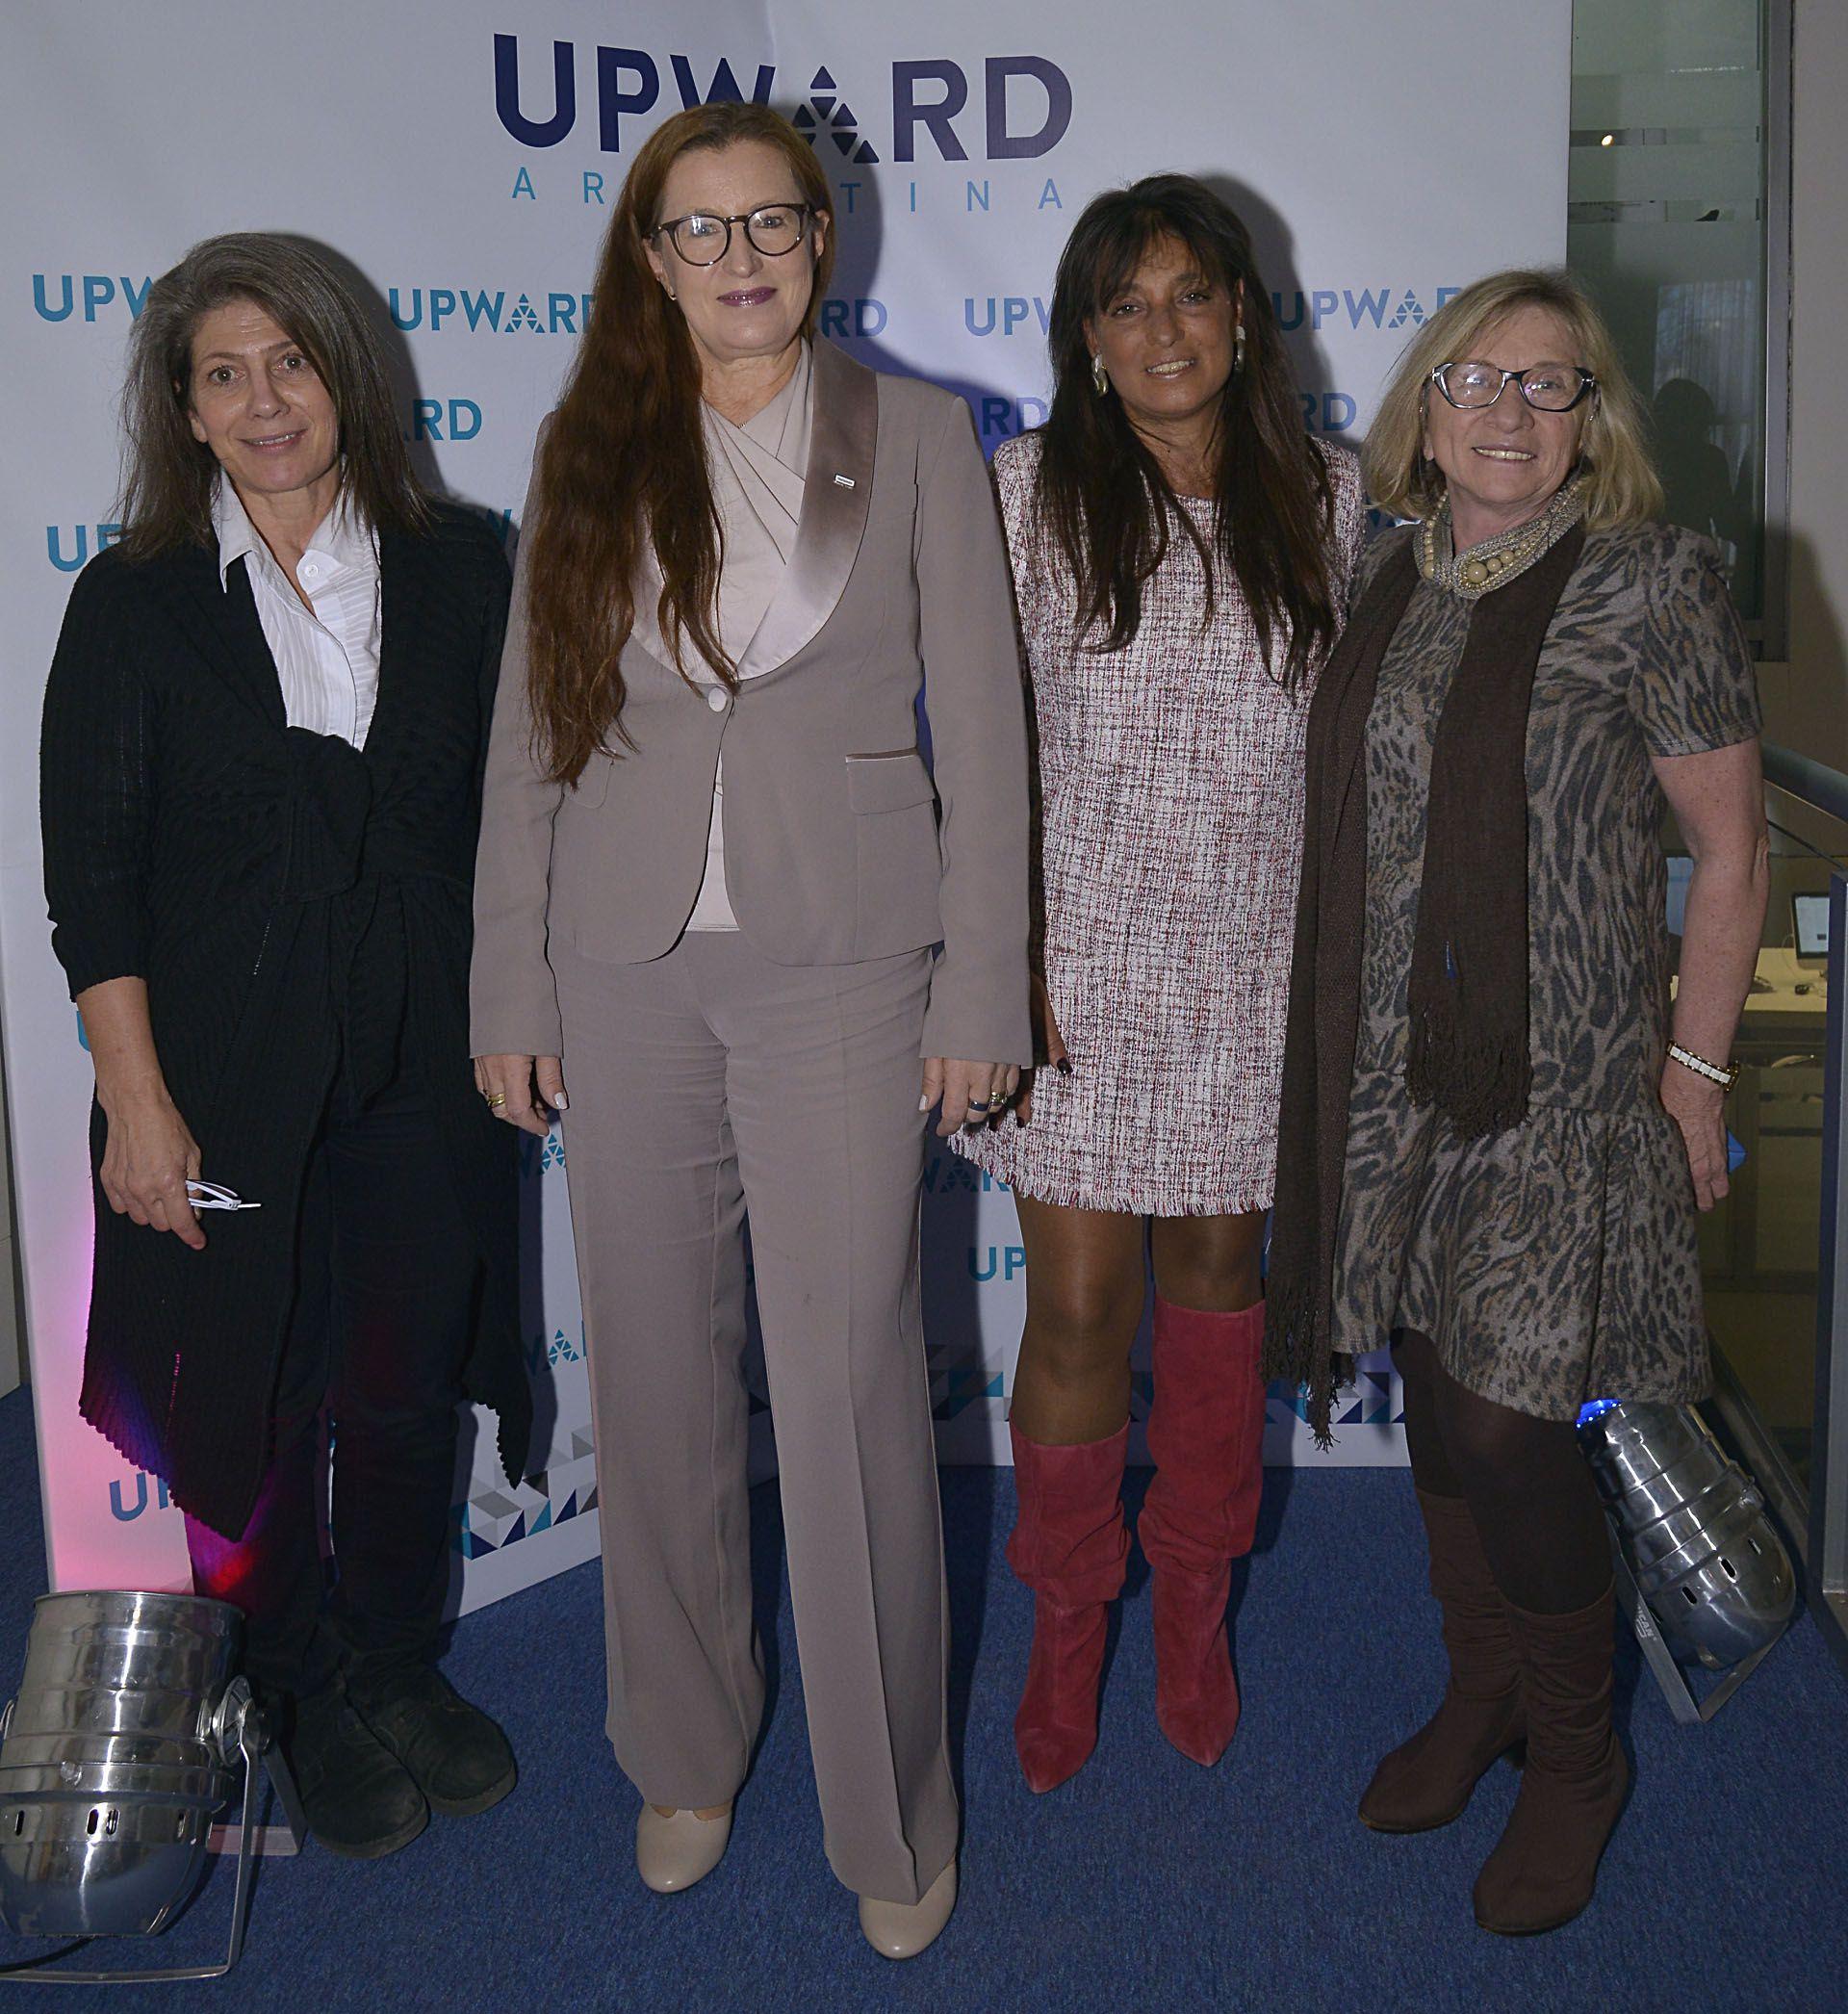 Martine de Kent (Embajada Británica)junto a la oradoraPia Pakarinen (Vice Alcaldesa de Educación de Helsinski), Viviana Zocco y Graciela Aldan